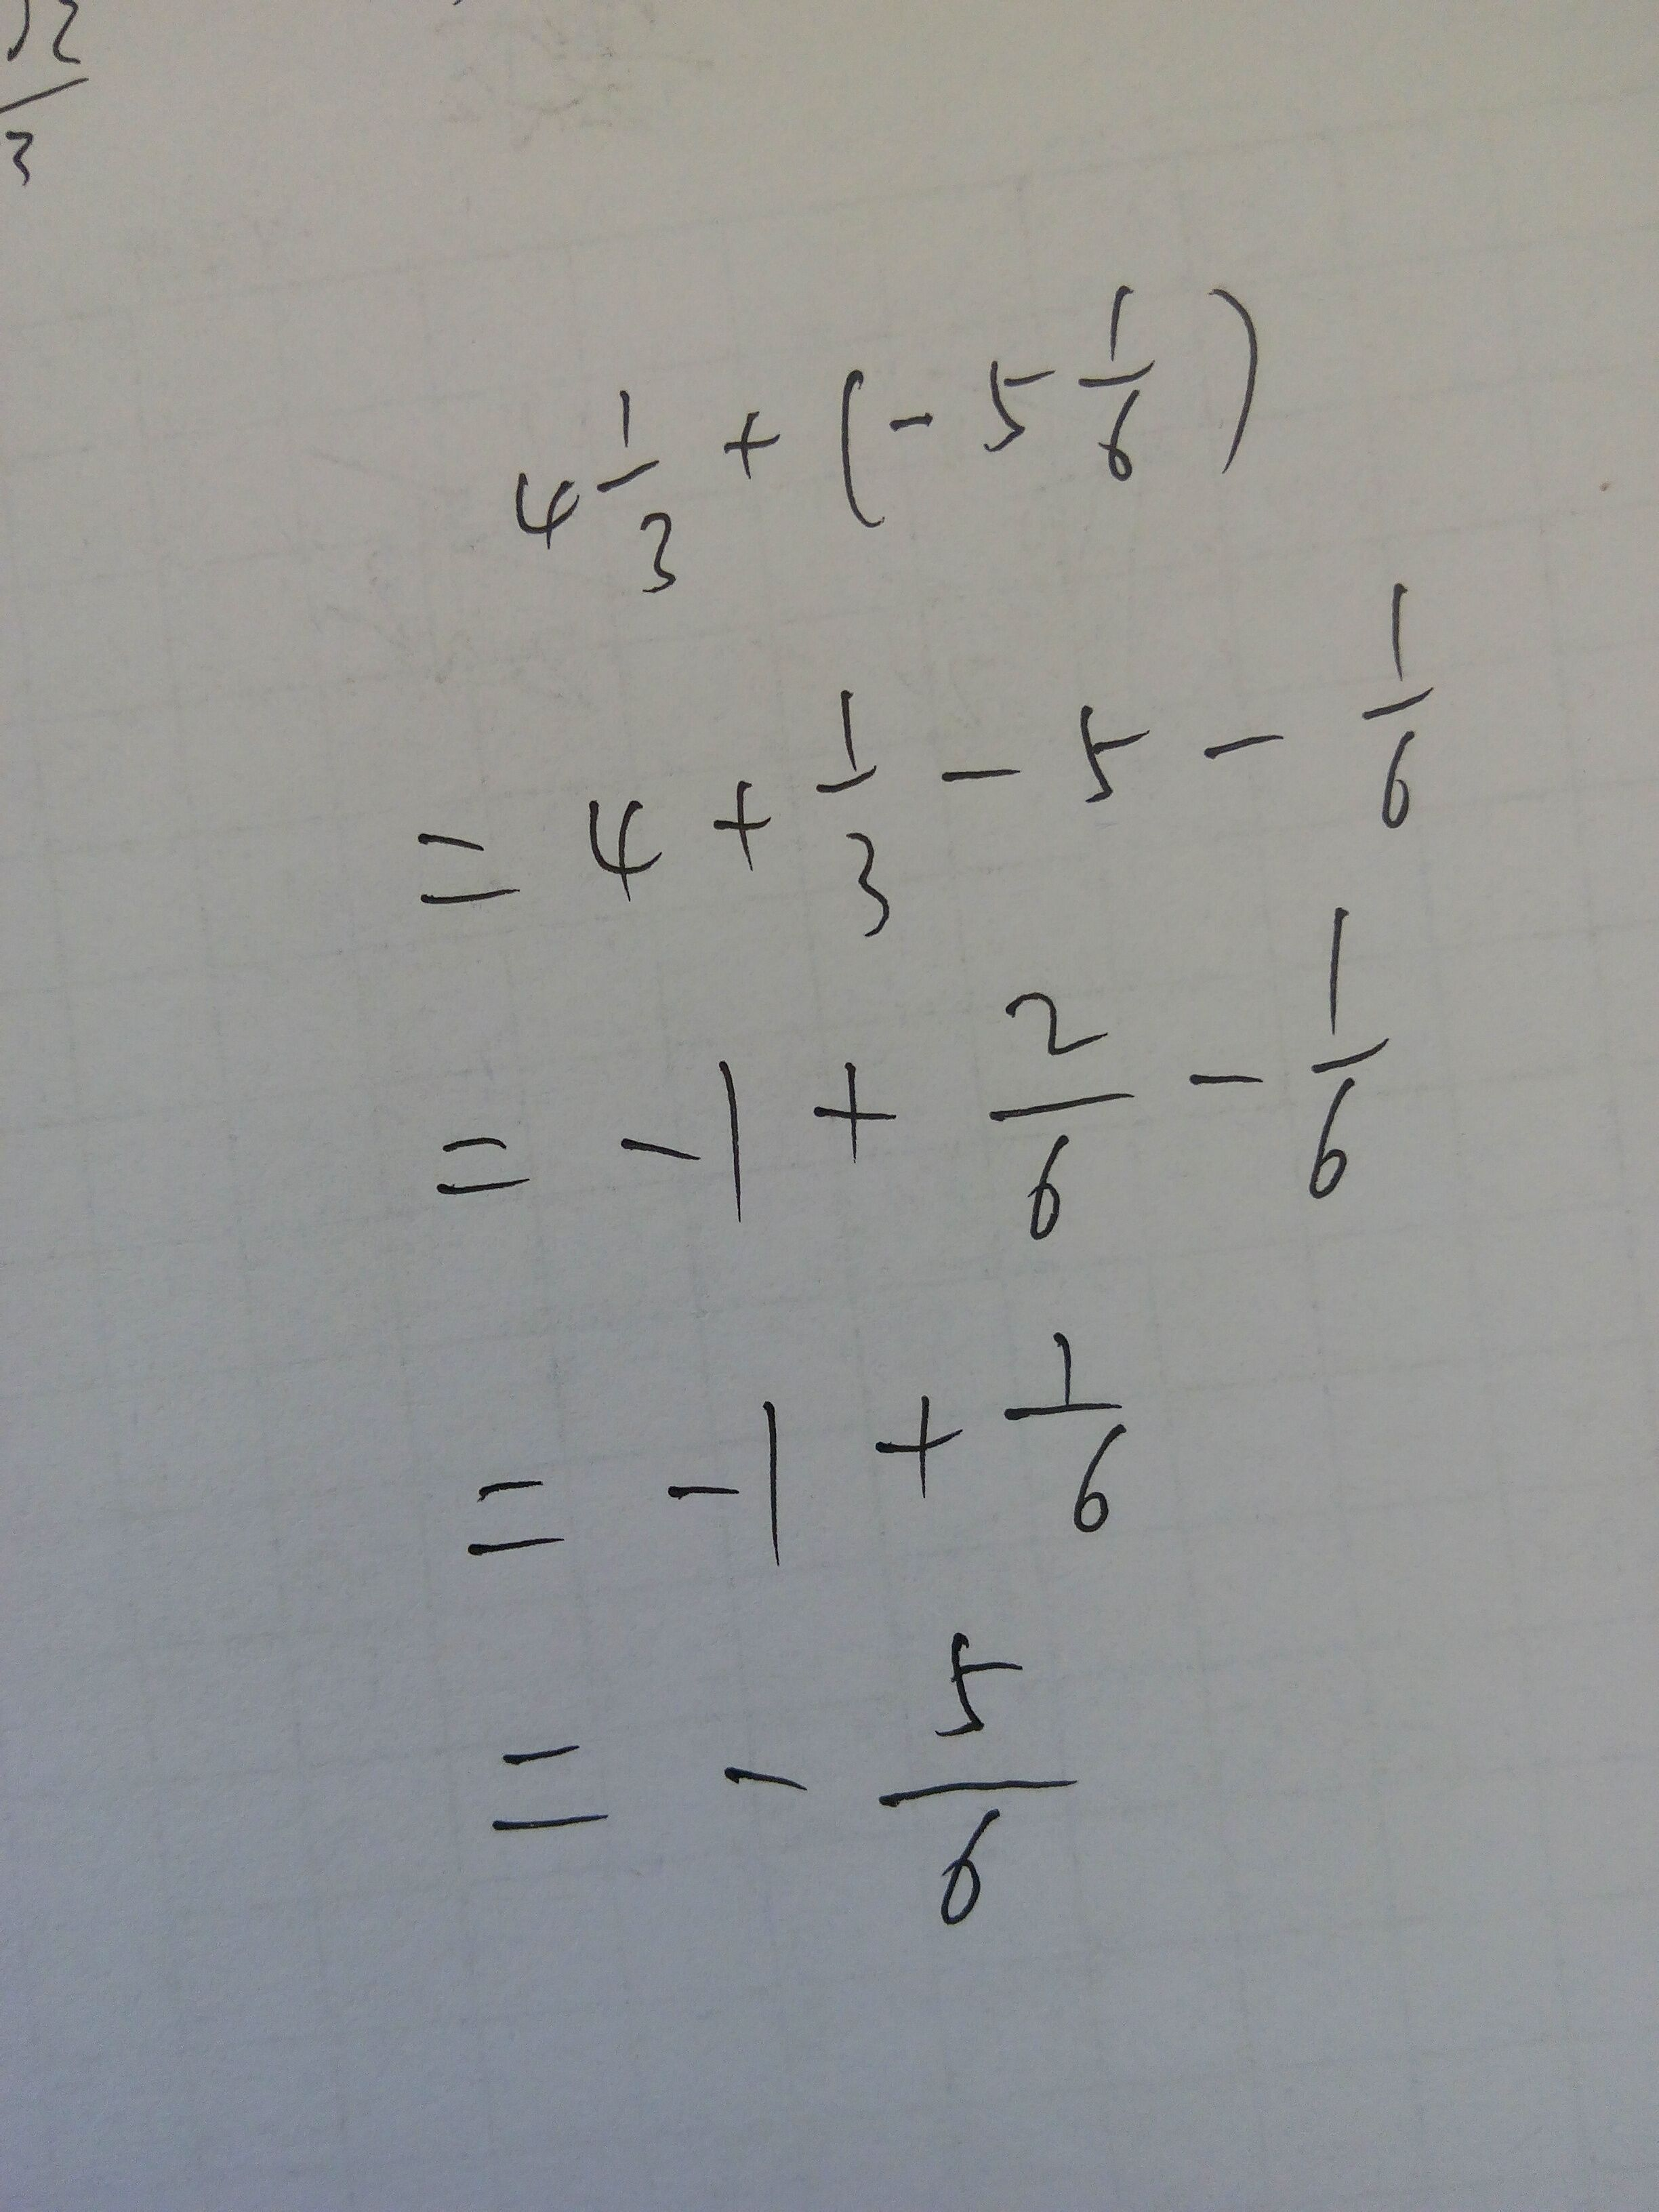 4/6-1/6=3/6对不对